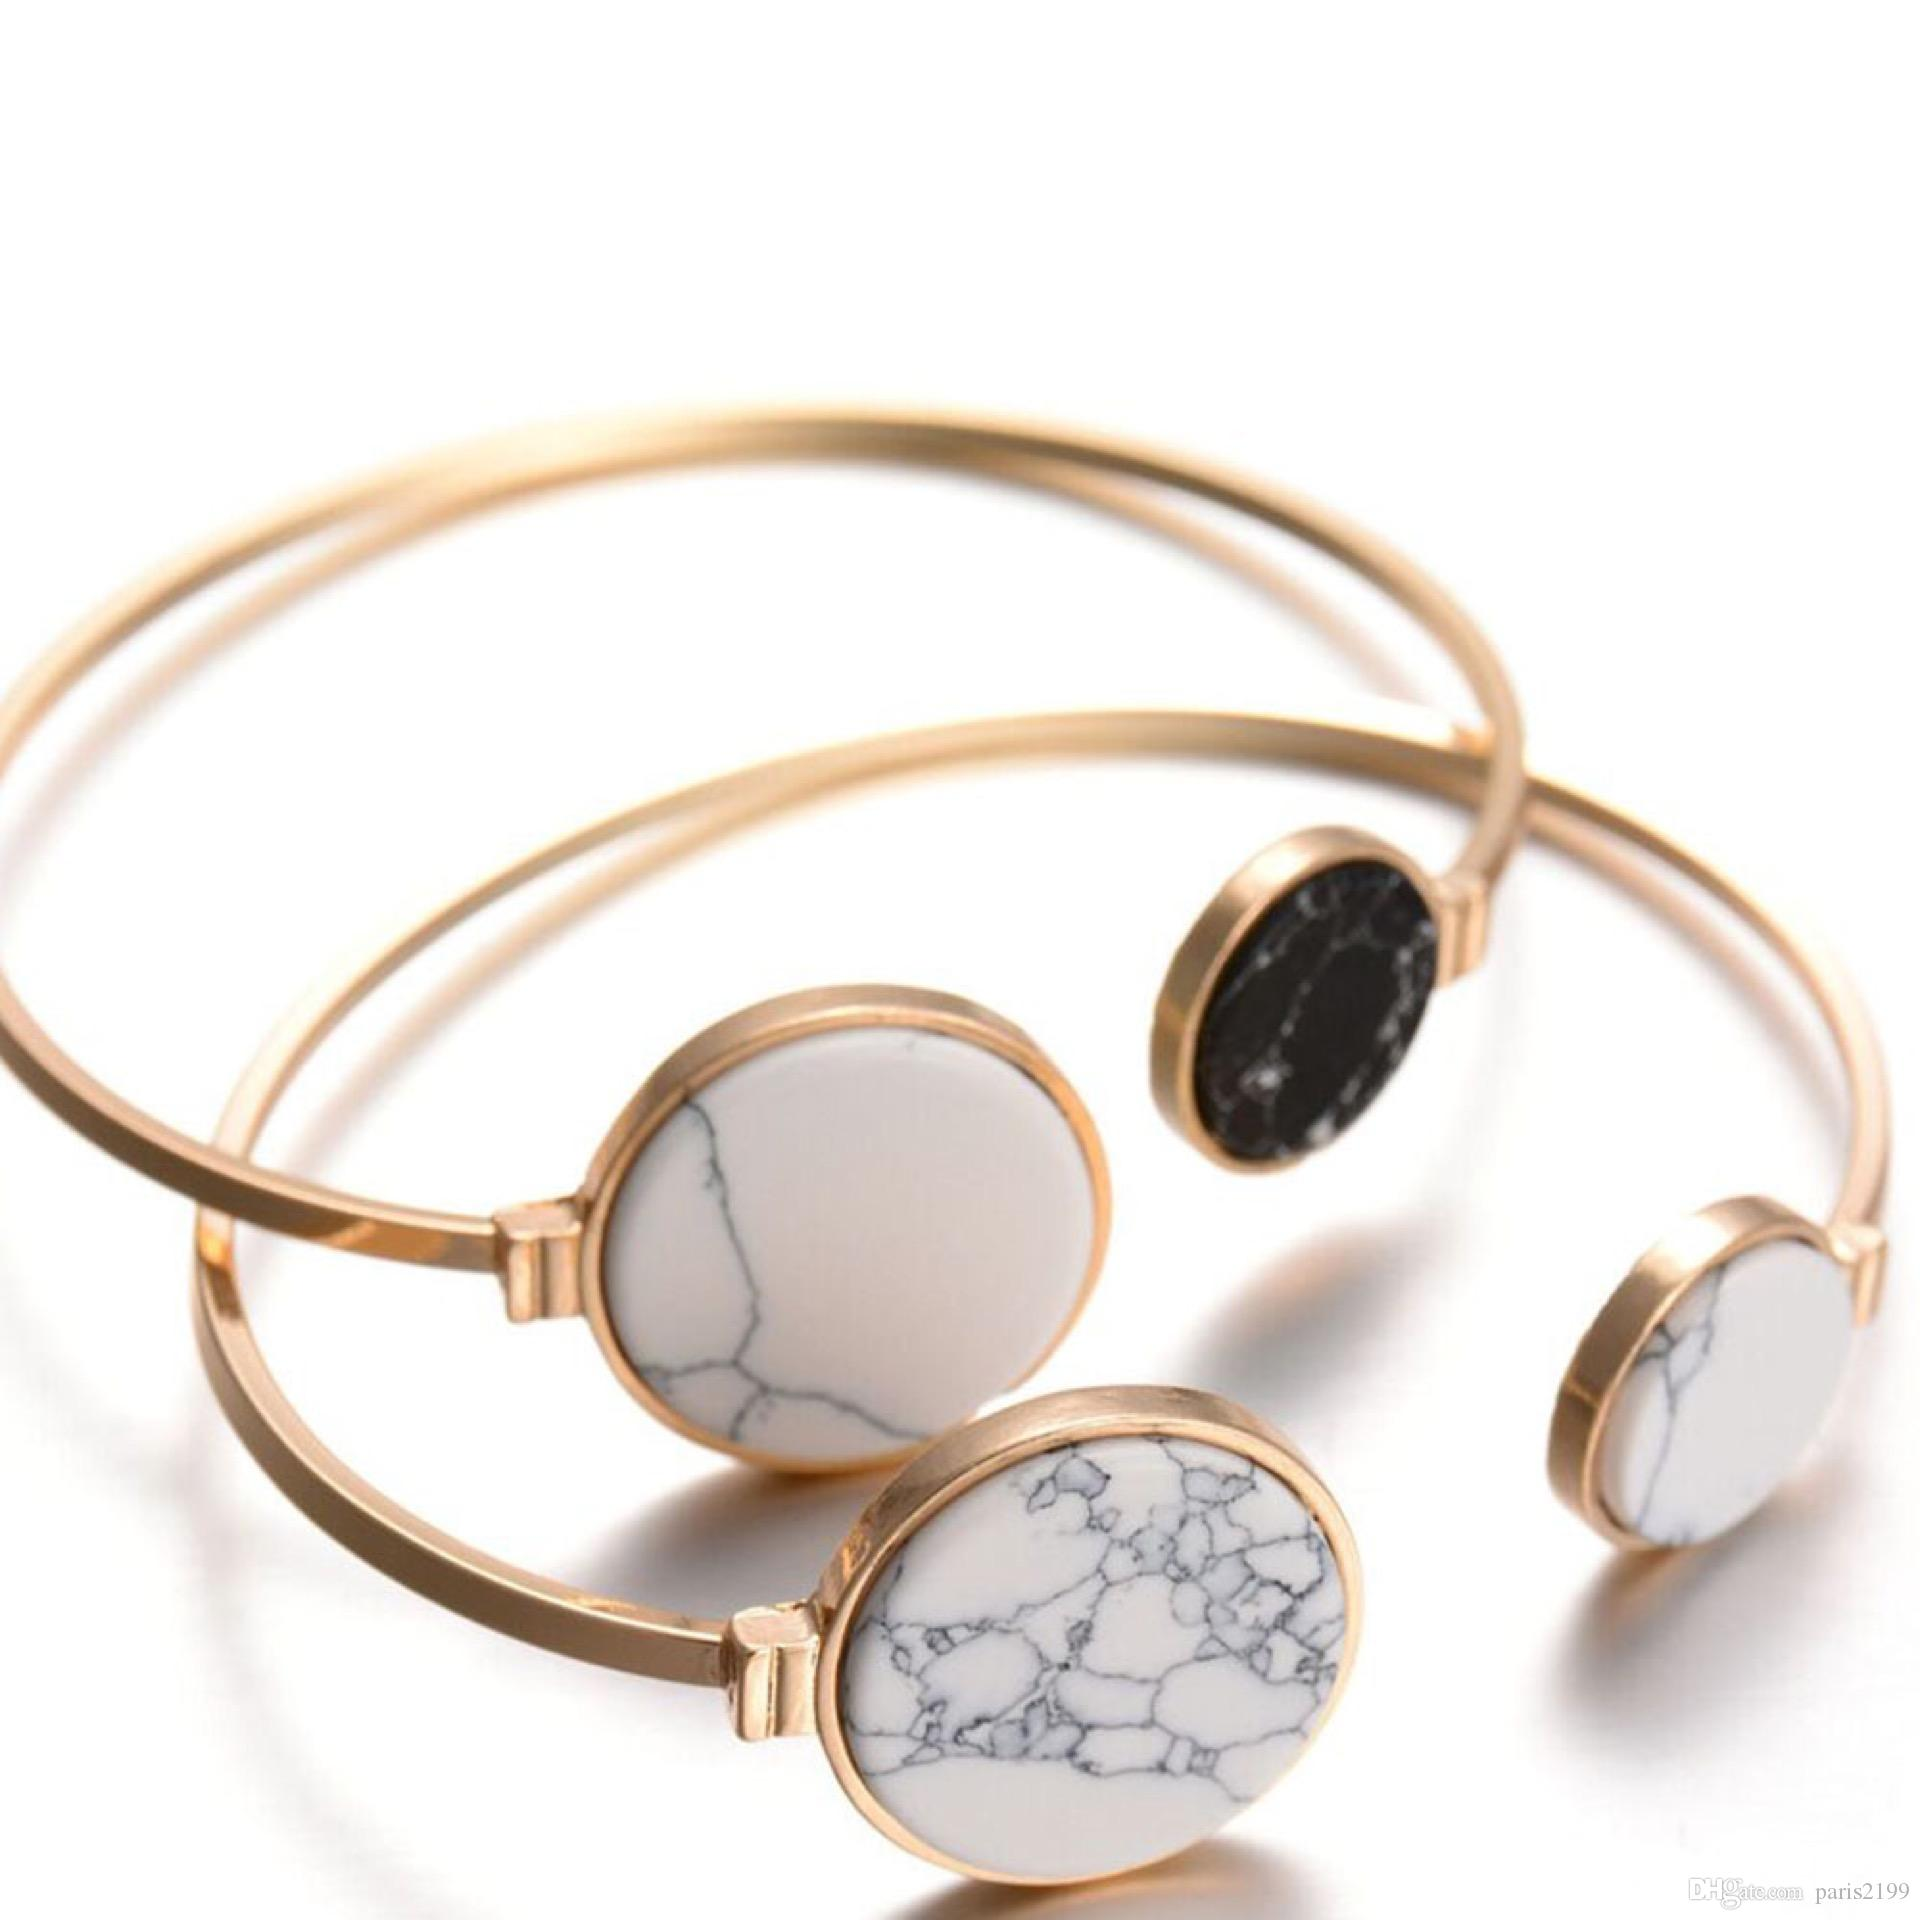 New Vintage lega oro triangolo rotondo bianco turchese nero pietra marmorizzata pietra polsino regolabile bracciale bracciale gioielli